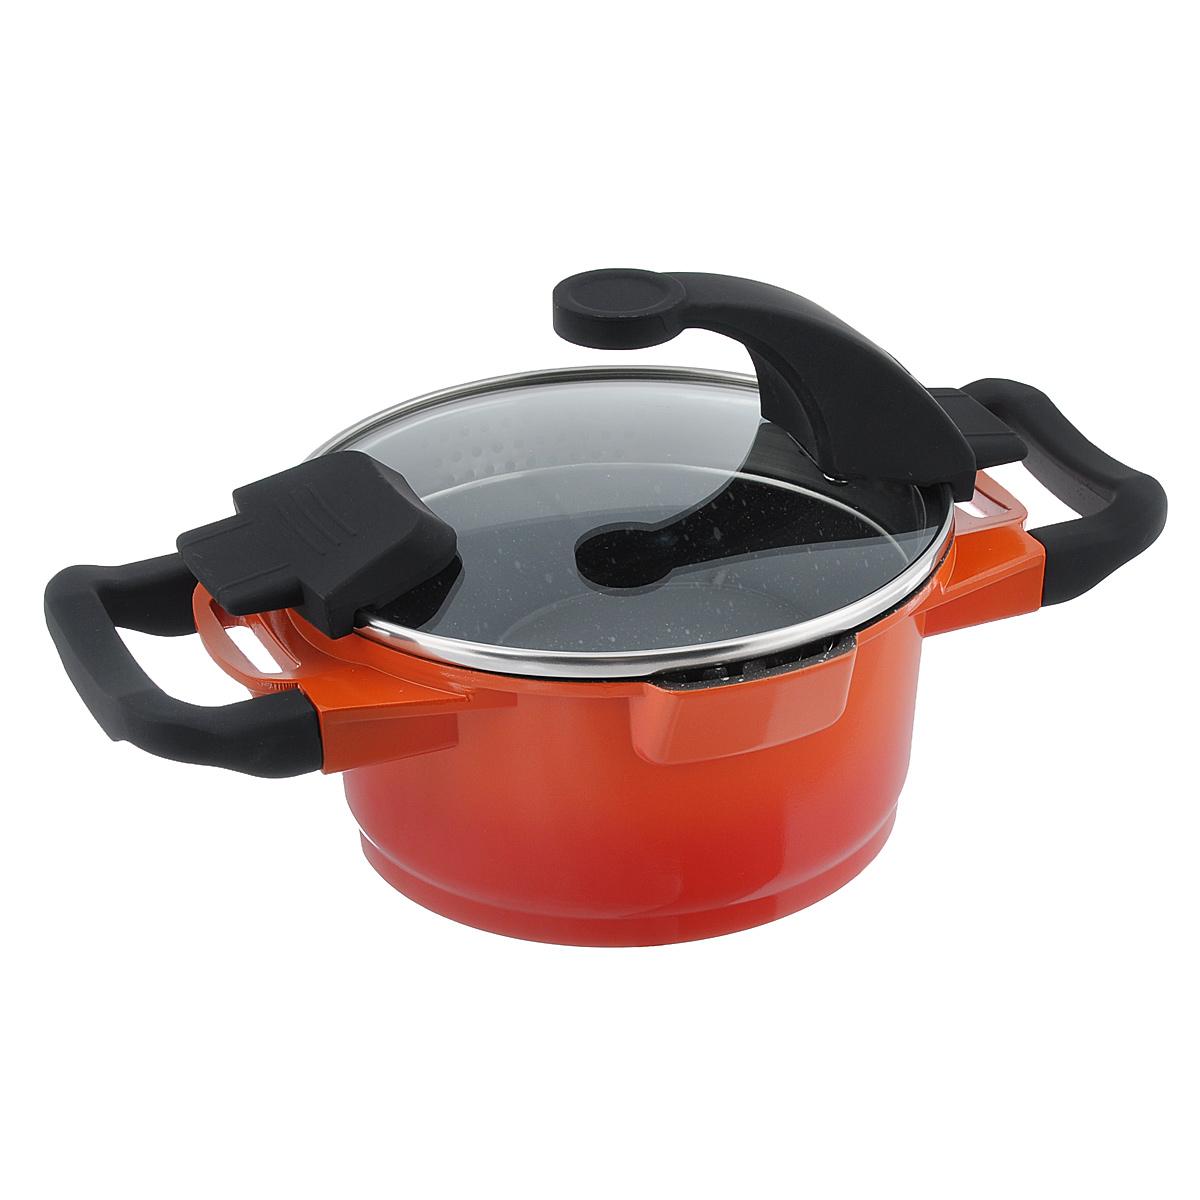 Кастрюля BergHOFF Virgo Orange с крышкой, с антипригарным покрытием, цвет: оранжево-красный, 1,5 л2304900Кастрюля BergHOFF Virgo Orange изготовлена из литого алюминия, который имеет эффект чугунной посуды. В отличие от чугуна, посуда из алюминия легче по весу и быстро нагревается, что гарантирует сбережение энергии. Внутреннее покрытие - экологически безопасное антипригарное покрытие Ferno Green, которое не содержит ни свинца, ни кадмия. Антипригарные свойства посуды позволяют готовить без жира и подсолнечного масла или с его малым количеством. Ручки выполнены из бакелита с покрытием Soft-touch, они имеют комфортную эргономичную форму и не нагреваются в процессе эксплуатации. Крышка изготовлена из термостойкого стекла, благодаря чему можно наблюдать за ингредиентами в процессе приготовления. Широкий металлический обод со специальными отверстиями разного диаметра позволяет выливать жидкость, не снимая крышку. Подходит для всех типов плит, включая индукционные. Рекомендуется мыть вручную. Диаметр кастрюли (по верхнему краю): 16 см. Ширина...